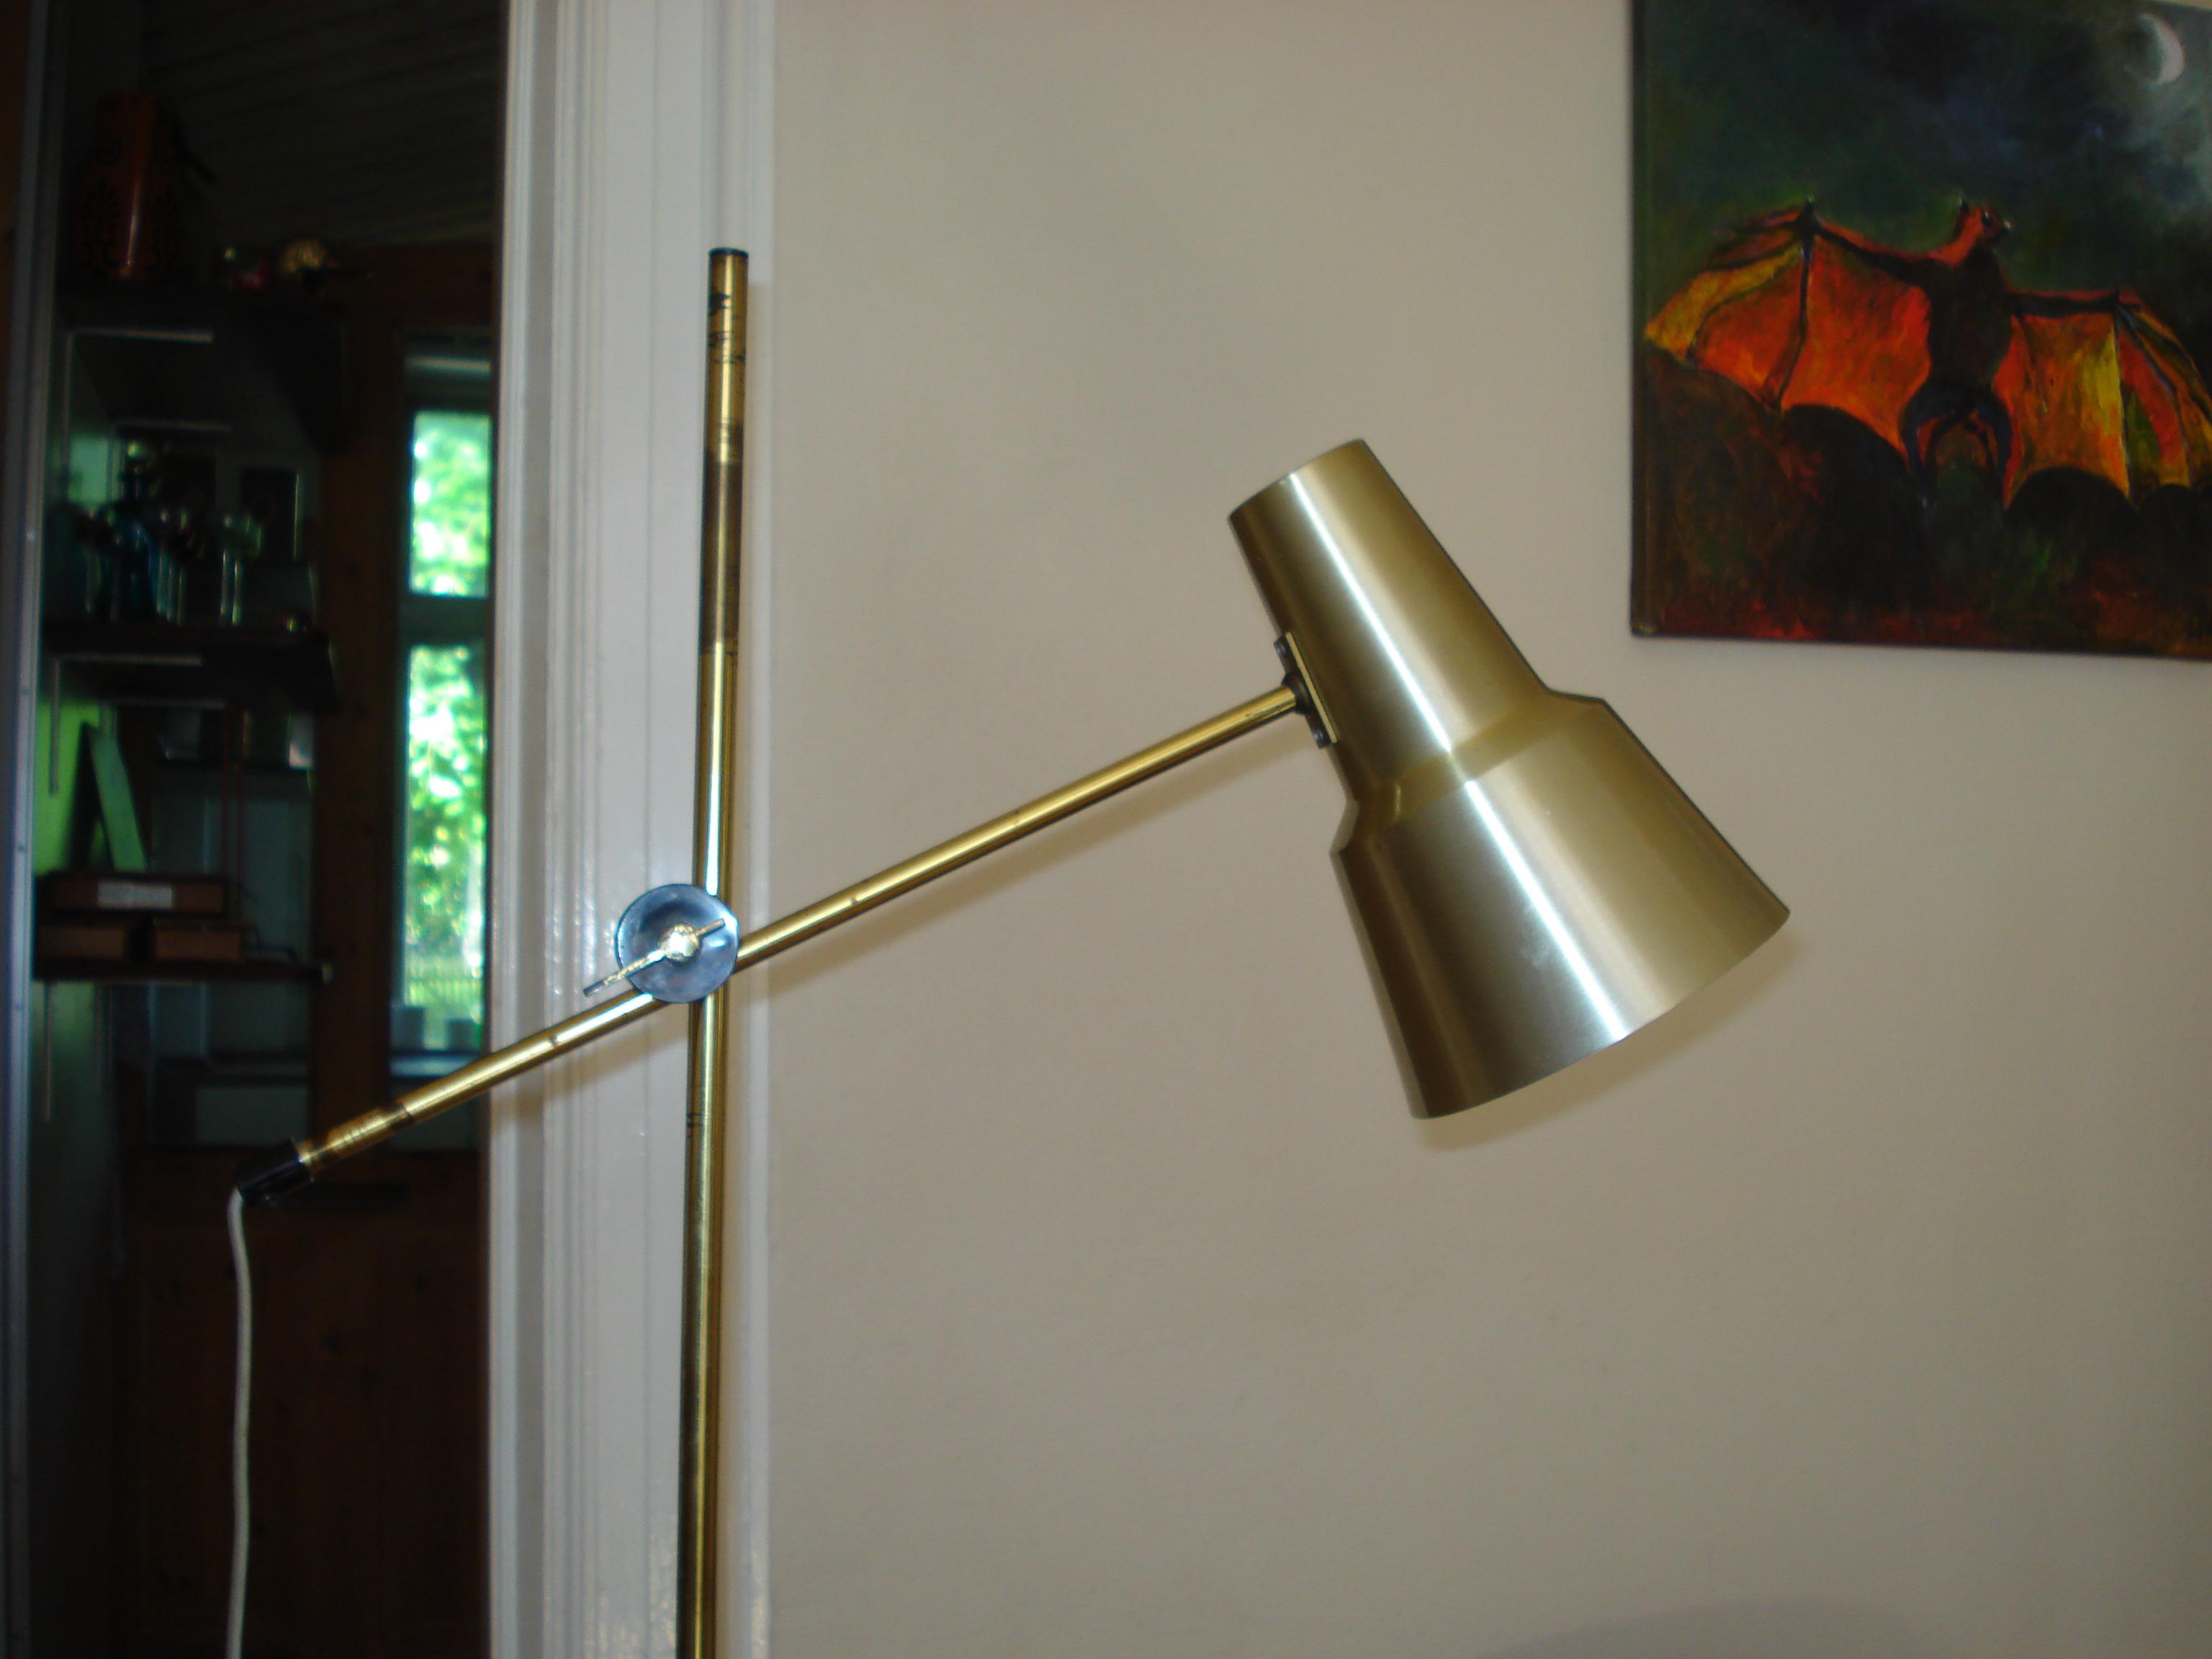 Standerlampe E S Horn 1960 u2032erne retro design dk